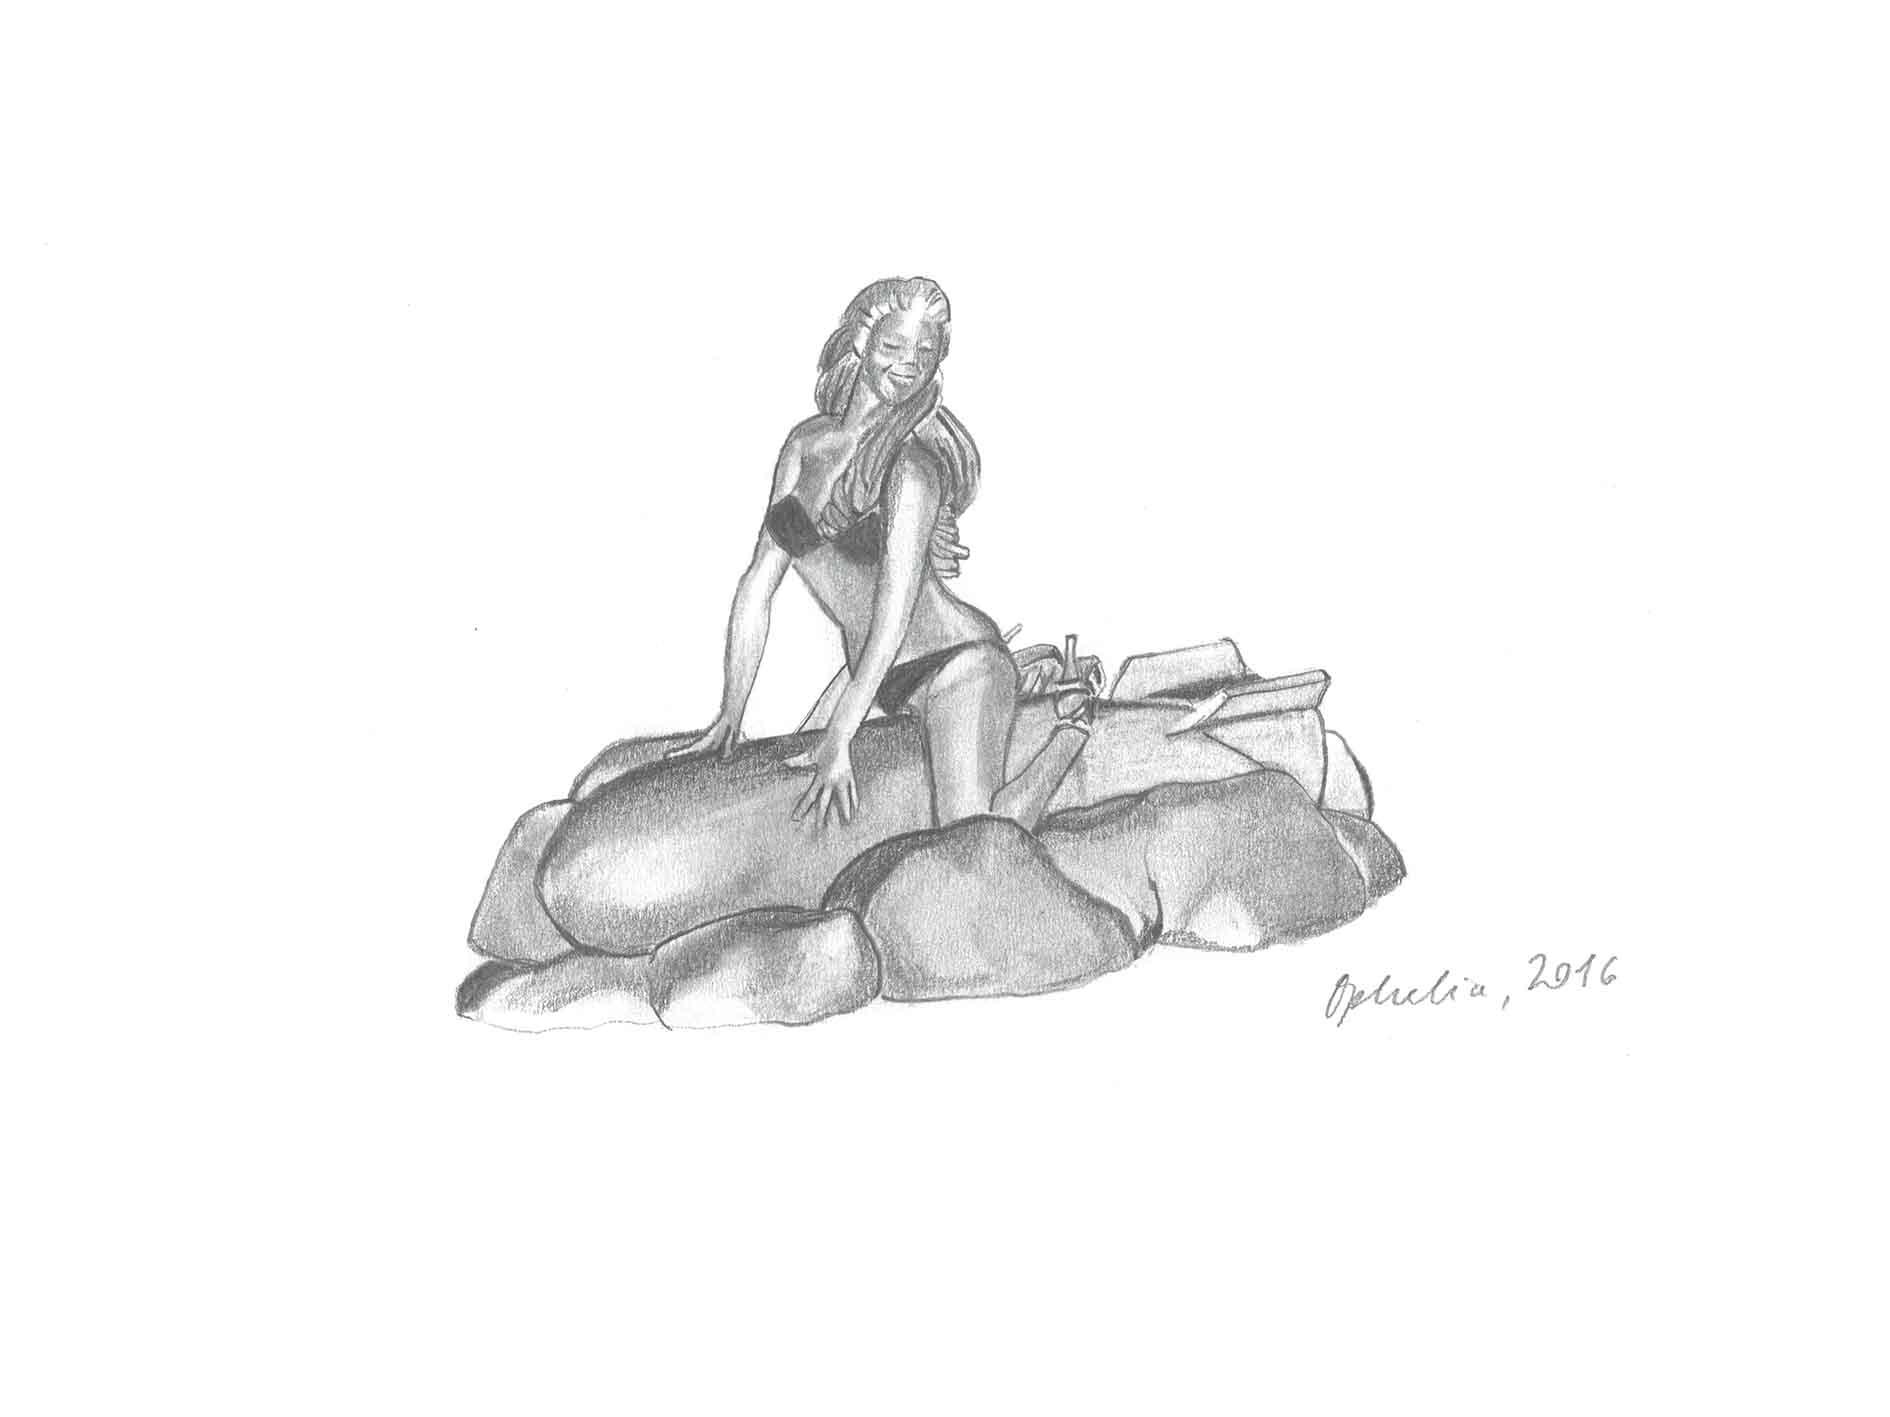 Bikini Ride - Ophelia Finke